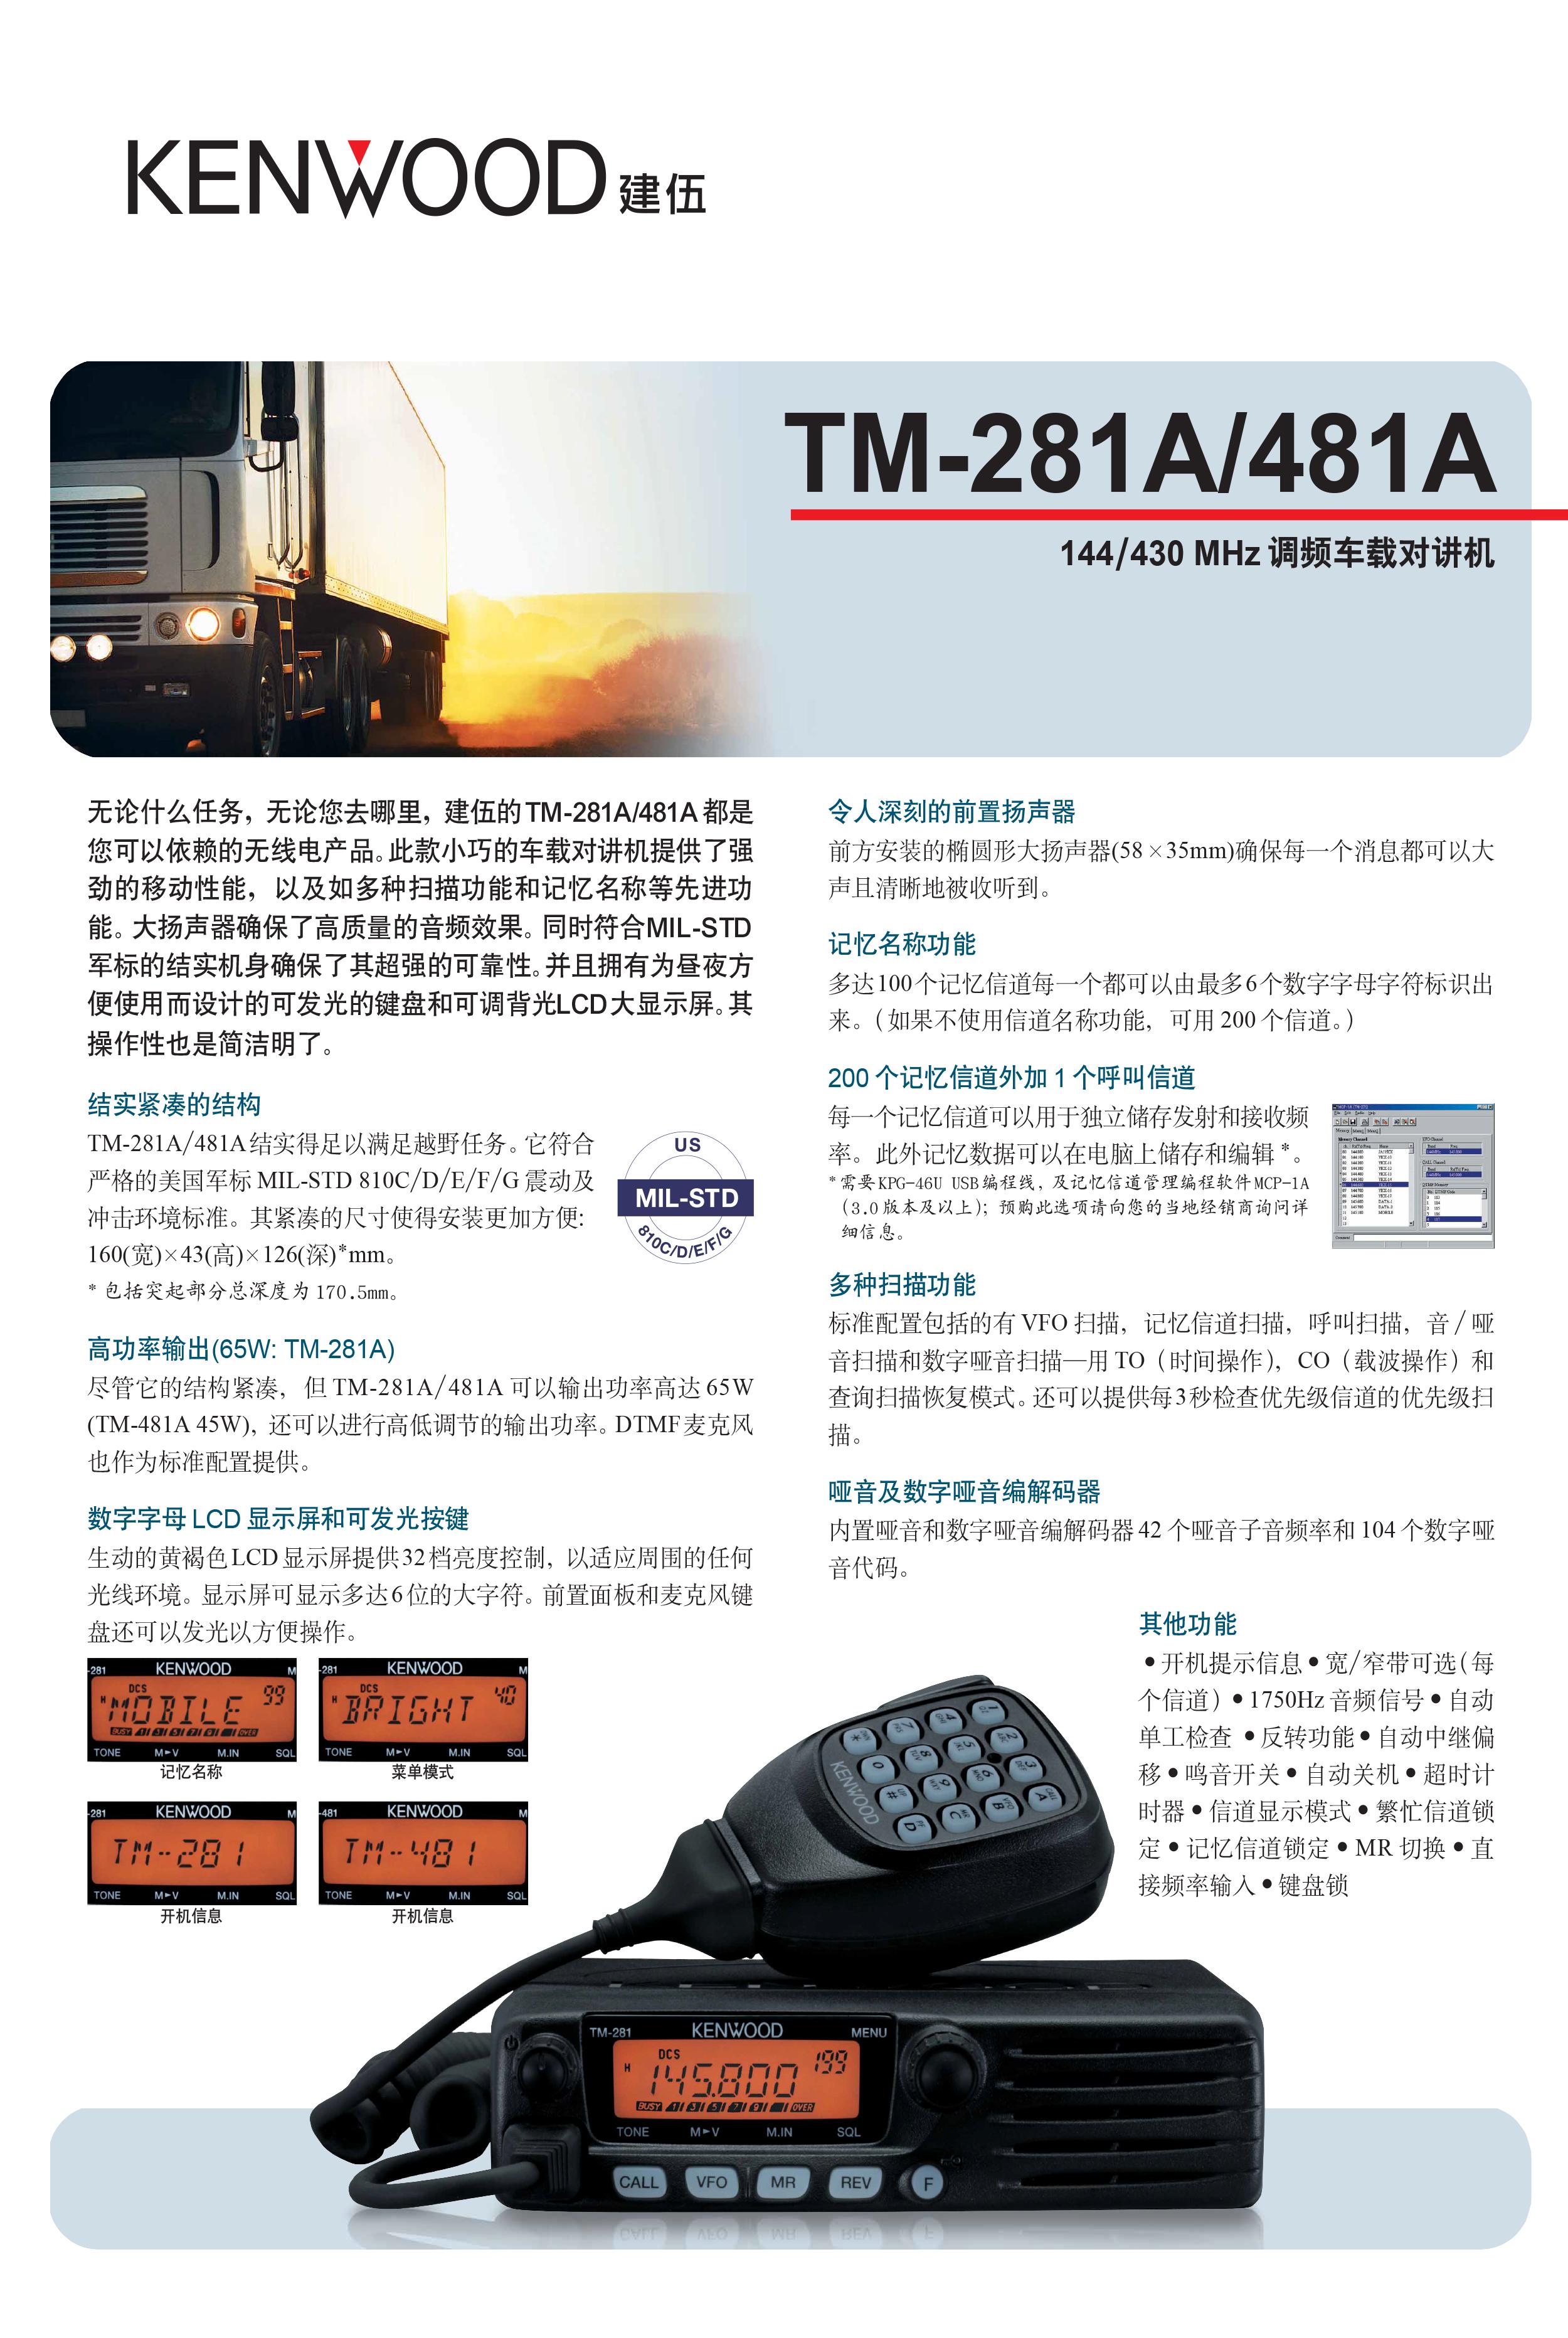 TM-281A_481A模拟车载台彩页_01